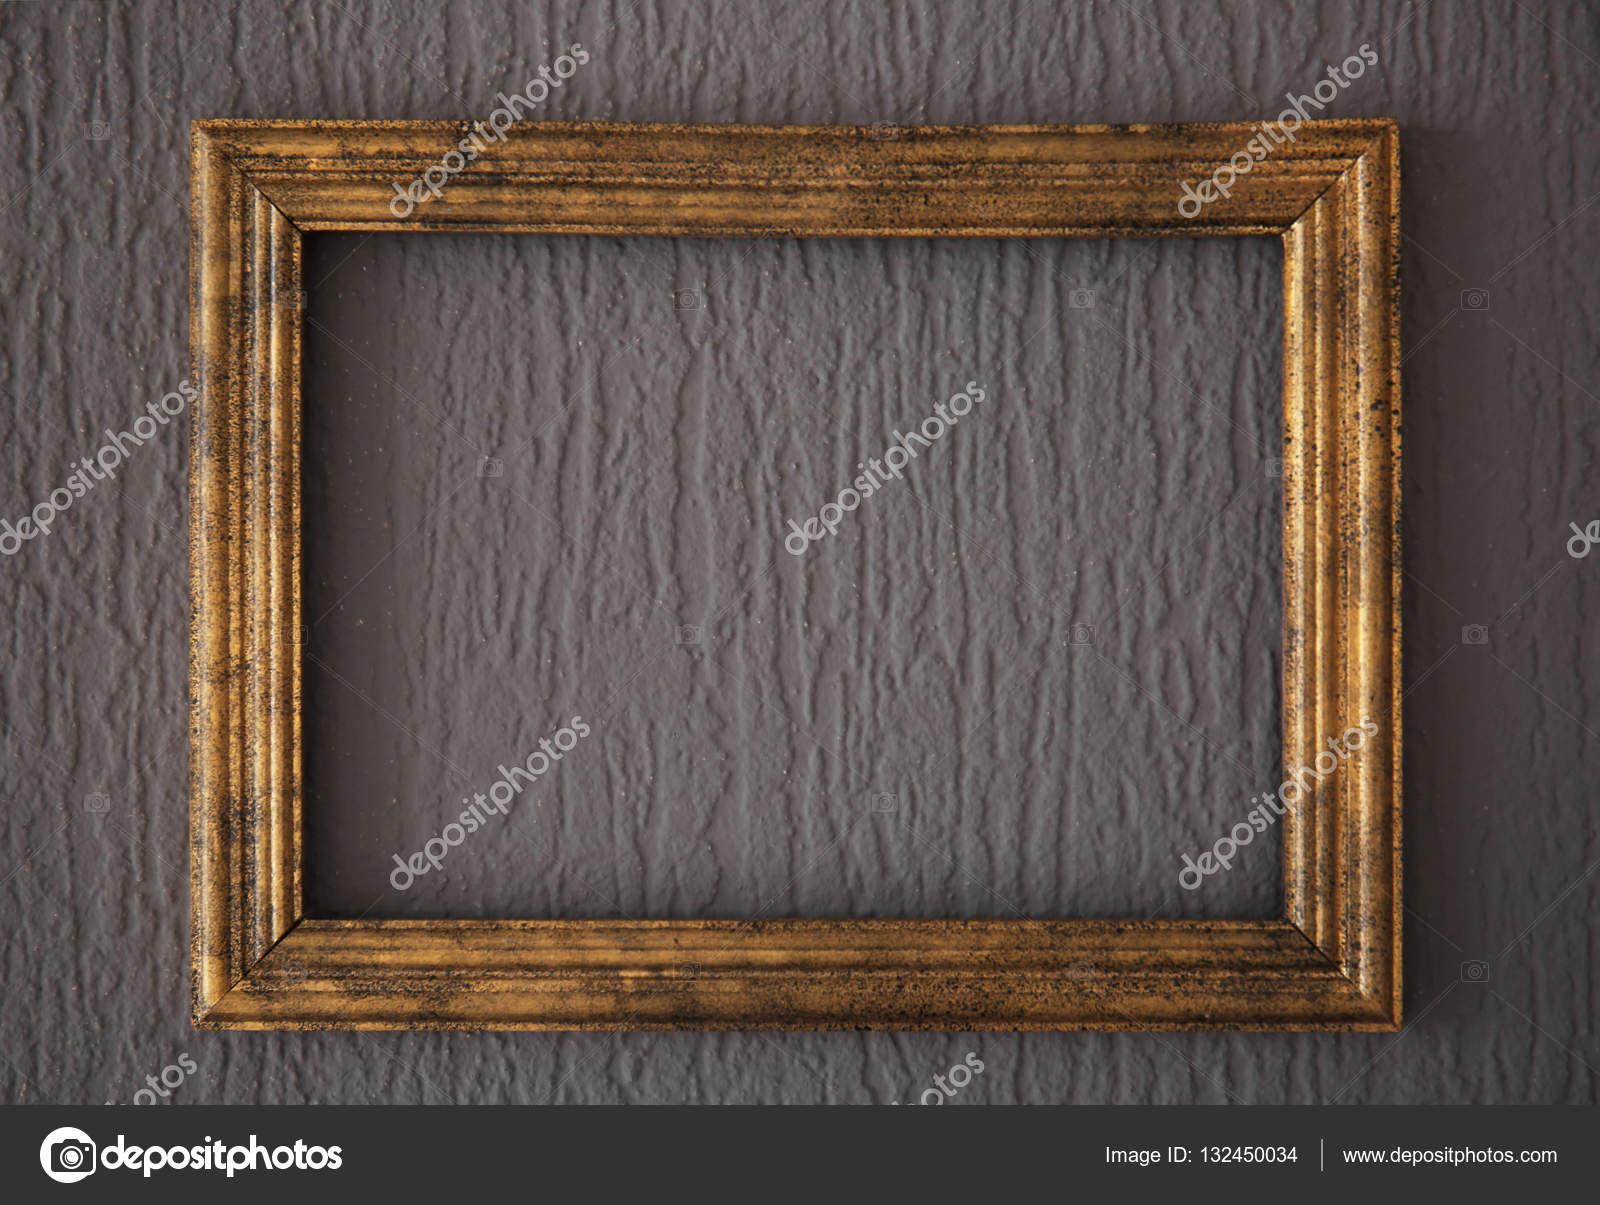 wooden vintage frame stock photo belchonock 132450034. Black Bedroom Furniture Sets. Home Design Ideas